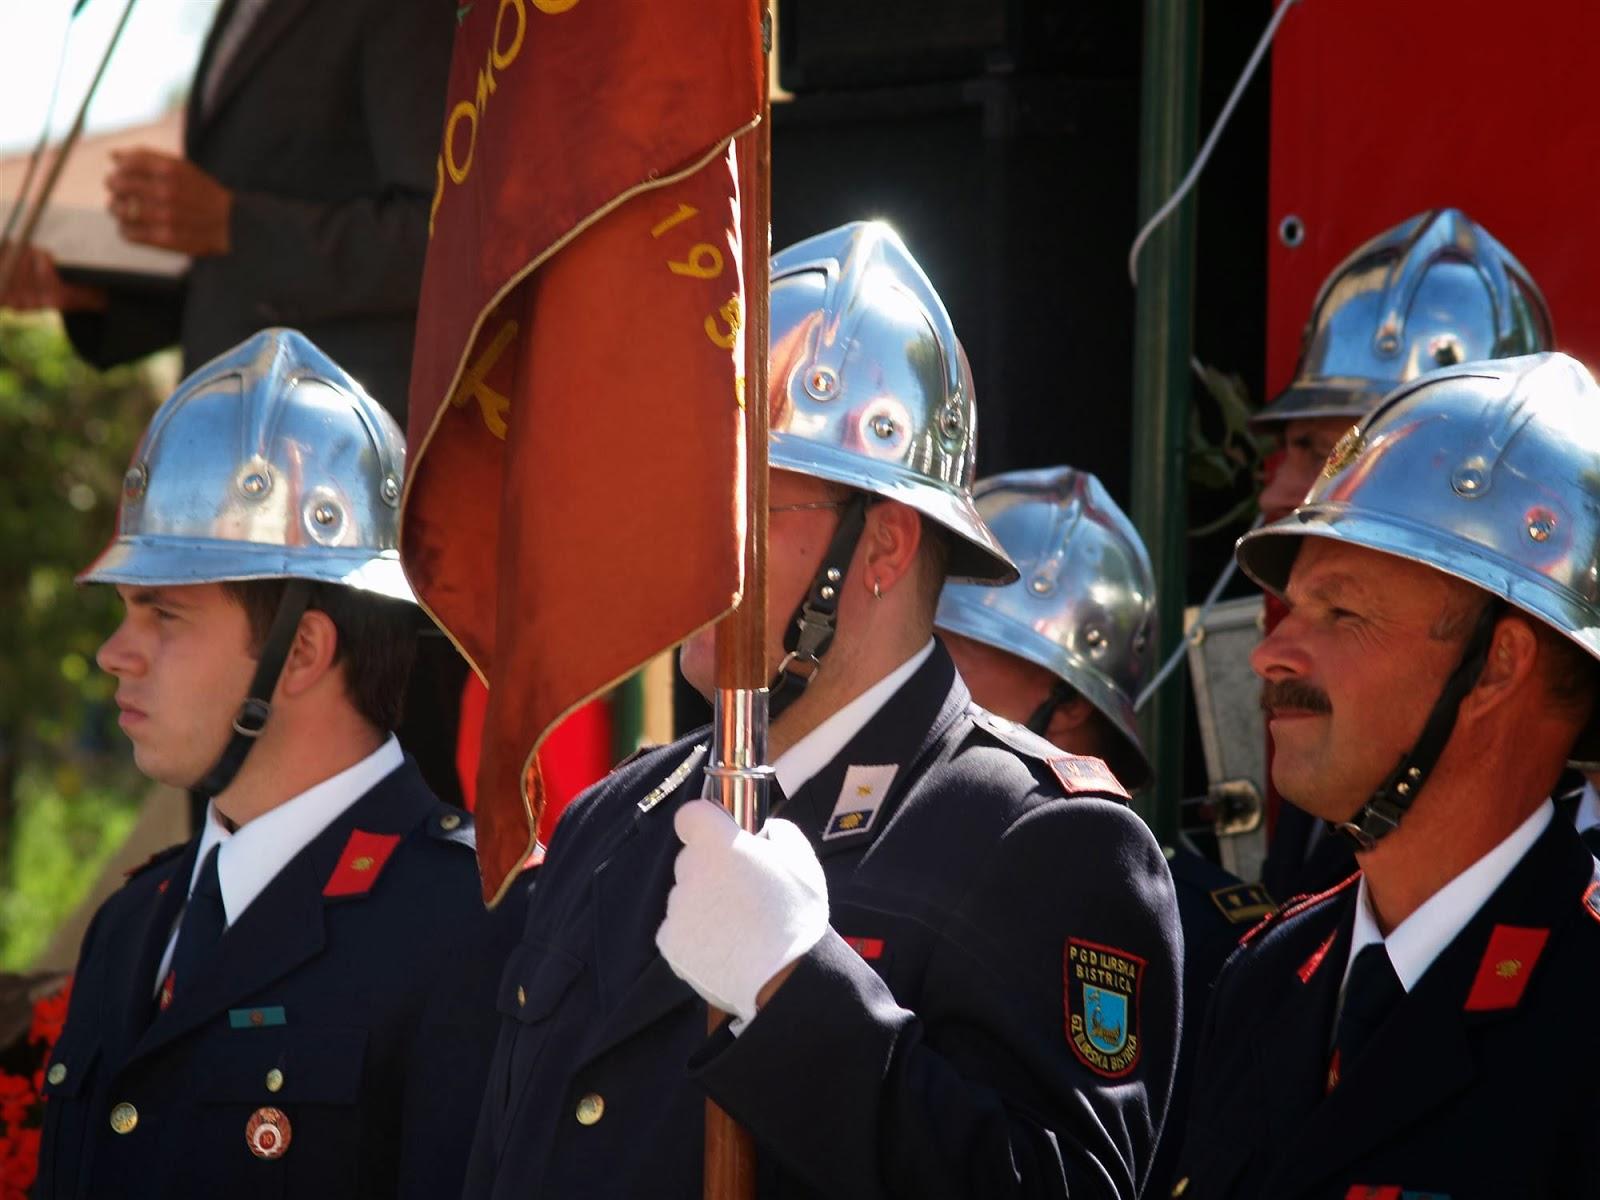 Gasilska parada, Ilirska Bistrica 2006 - P0103589.JPG